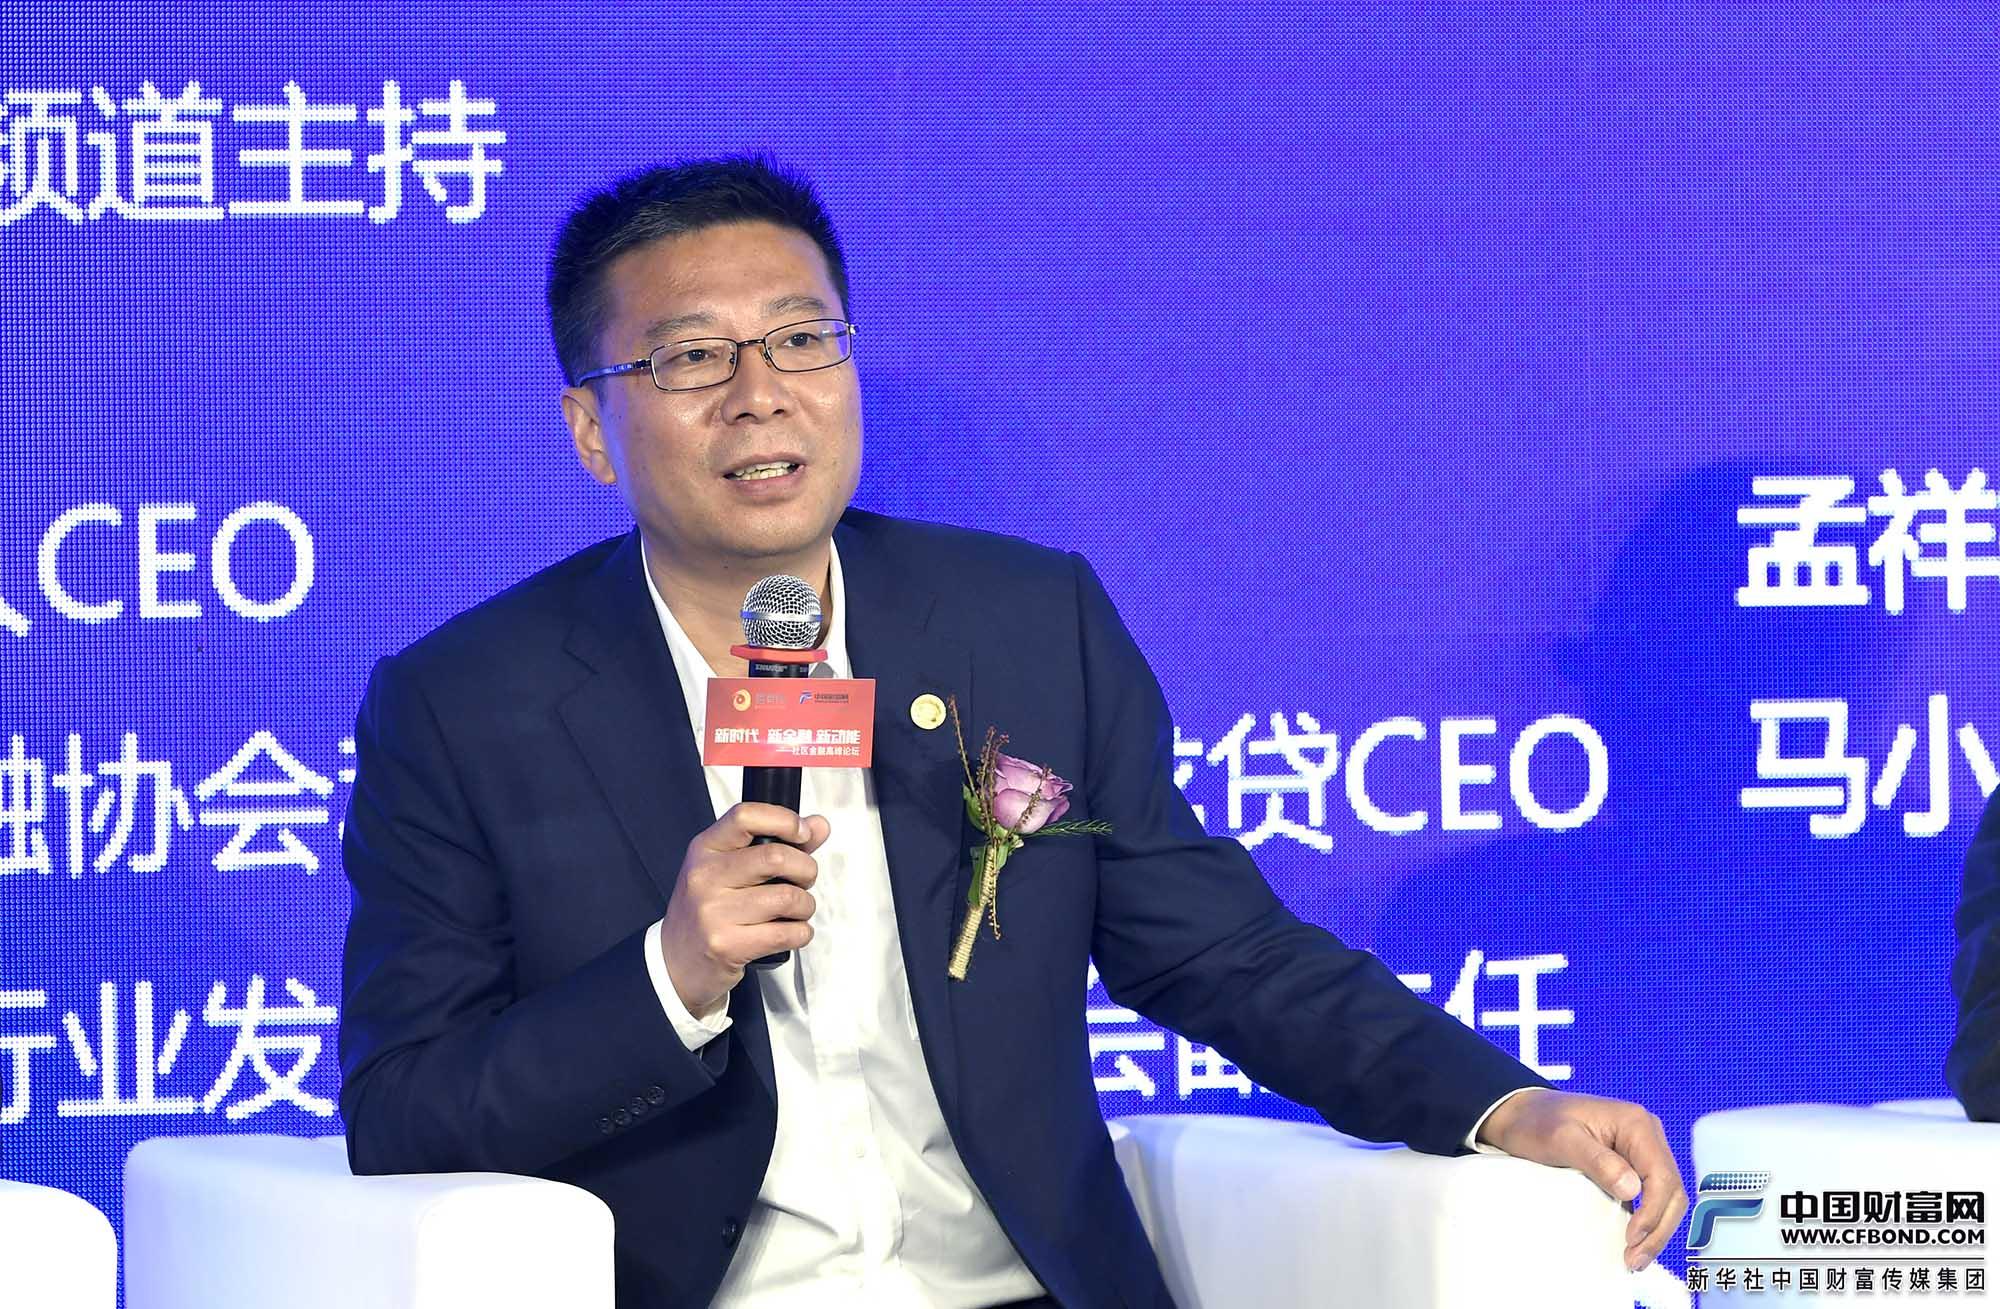 圆桌论坛发言嘉宾:碧有信联合创始人CEO戴凯